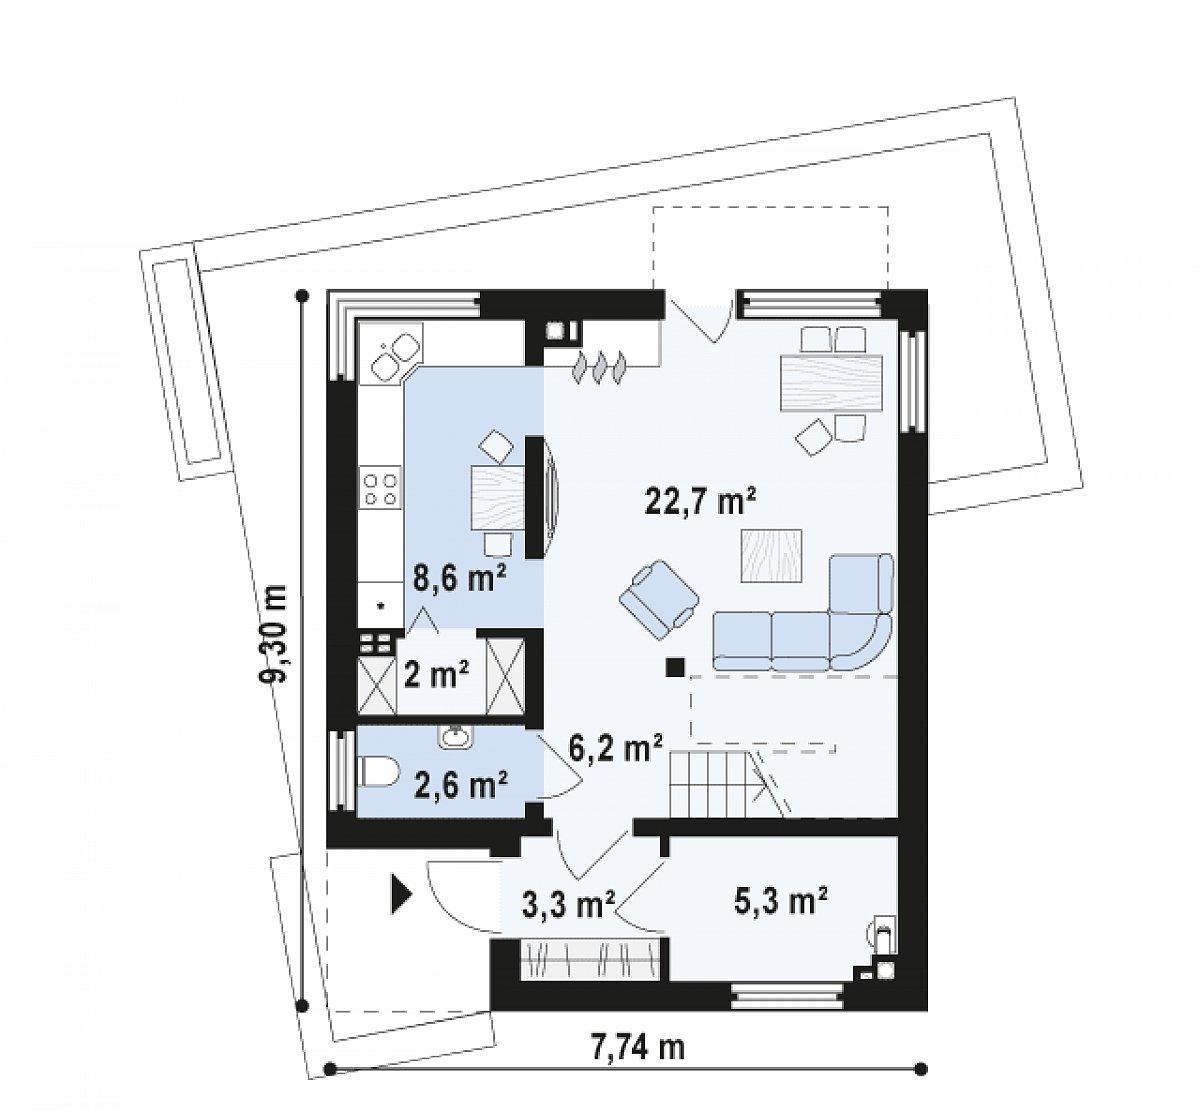 Первый этаж 50,9м² дома Zx51